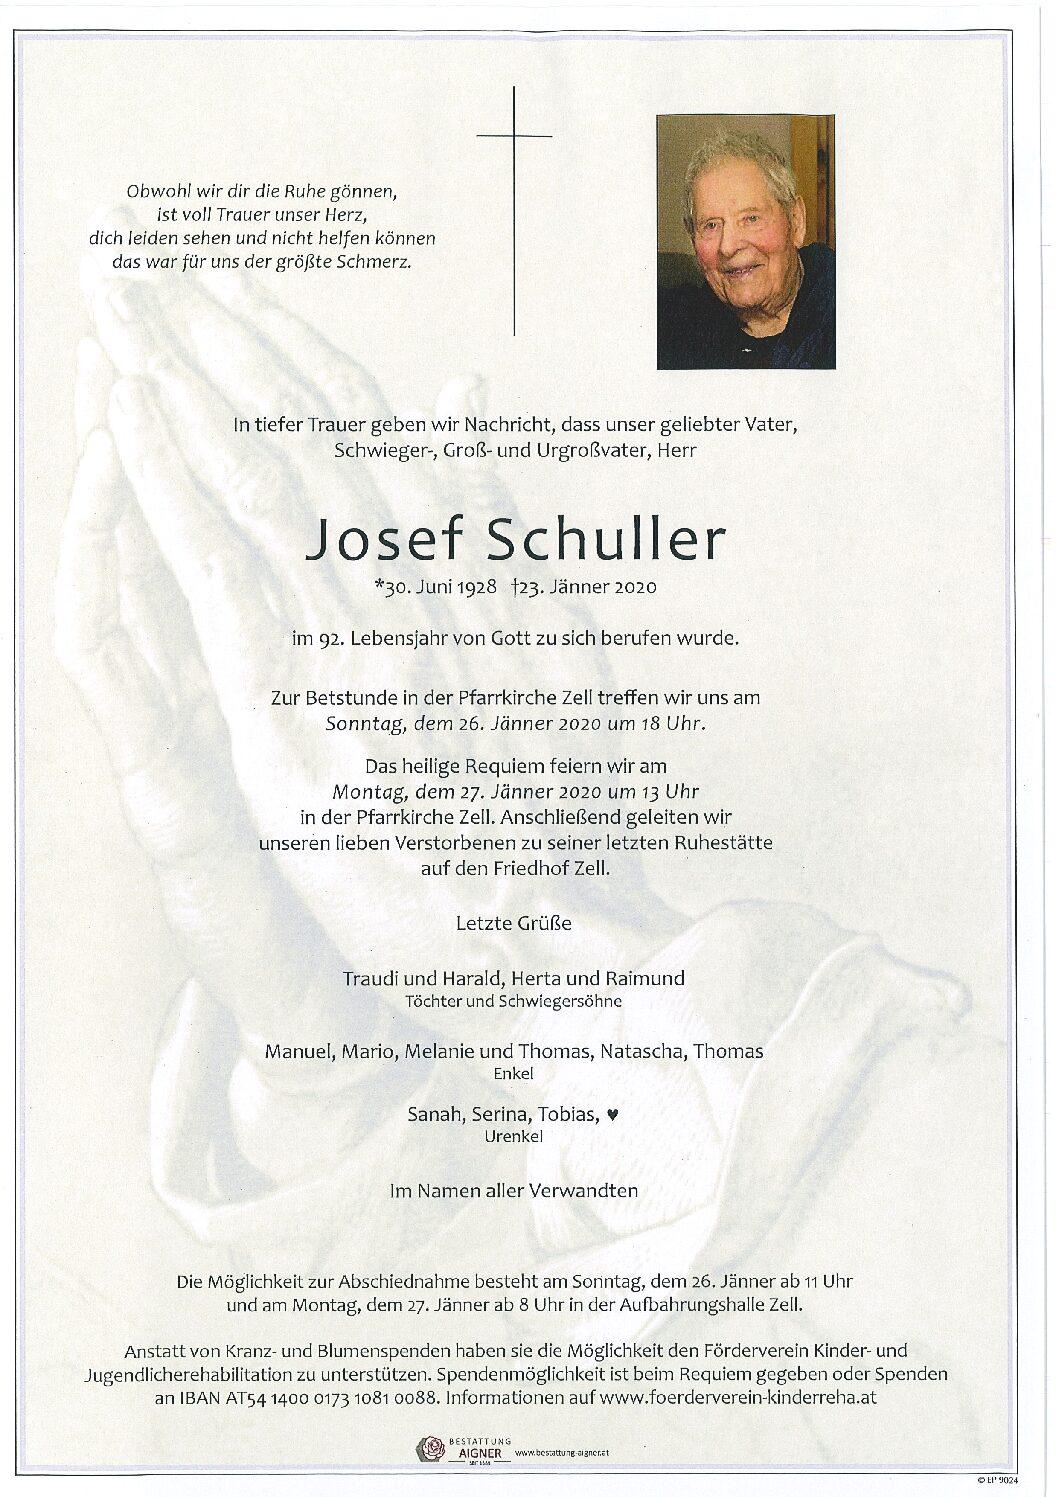 Josef Schuller